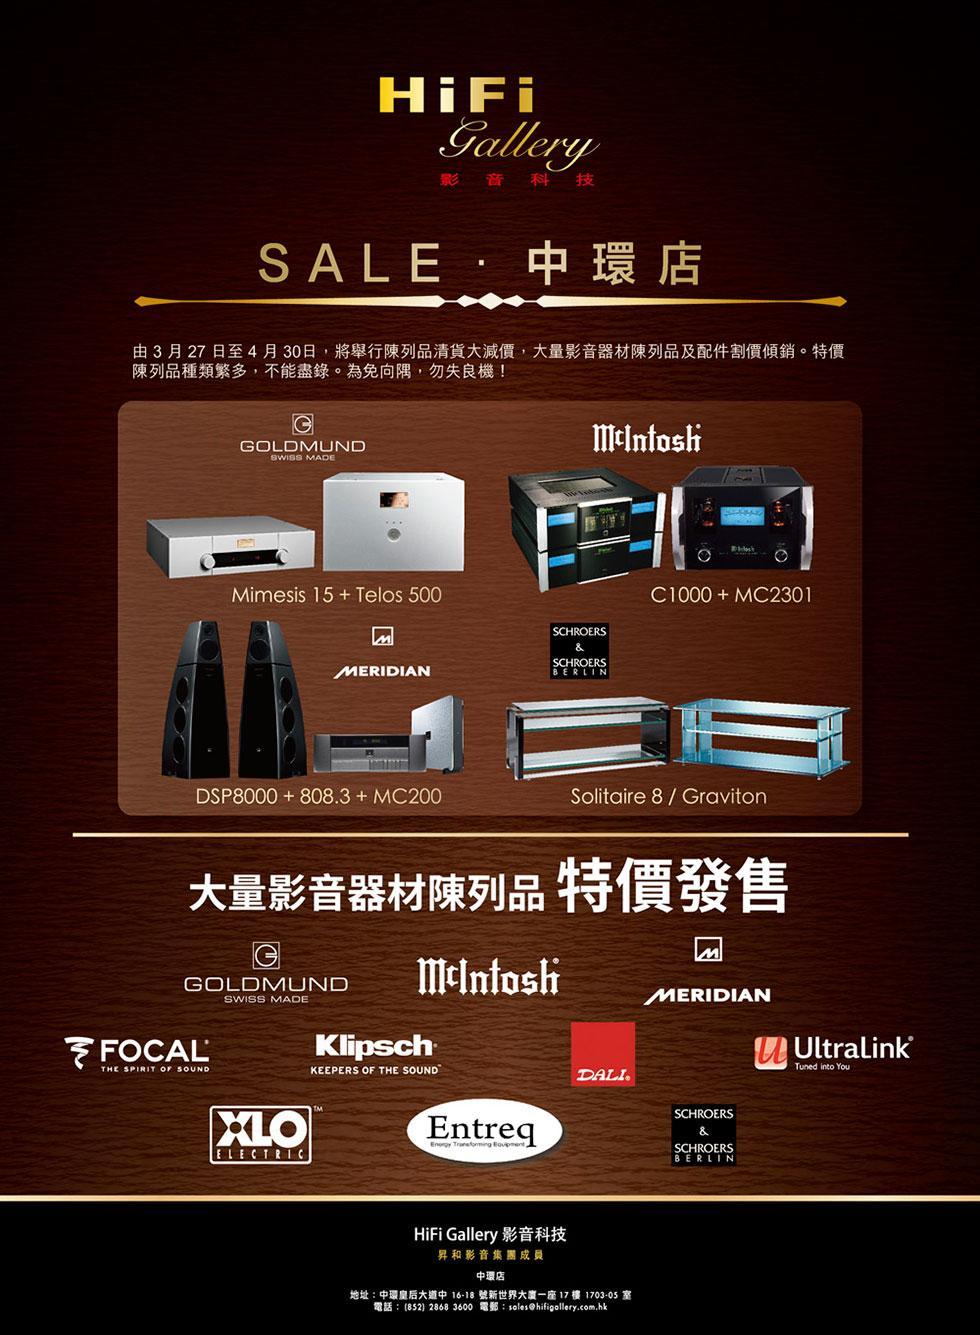 HiFi Gallery 陳列品及IT產品清貨大減價